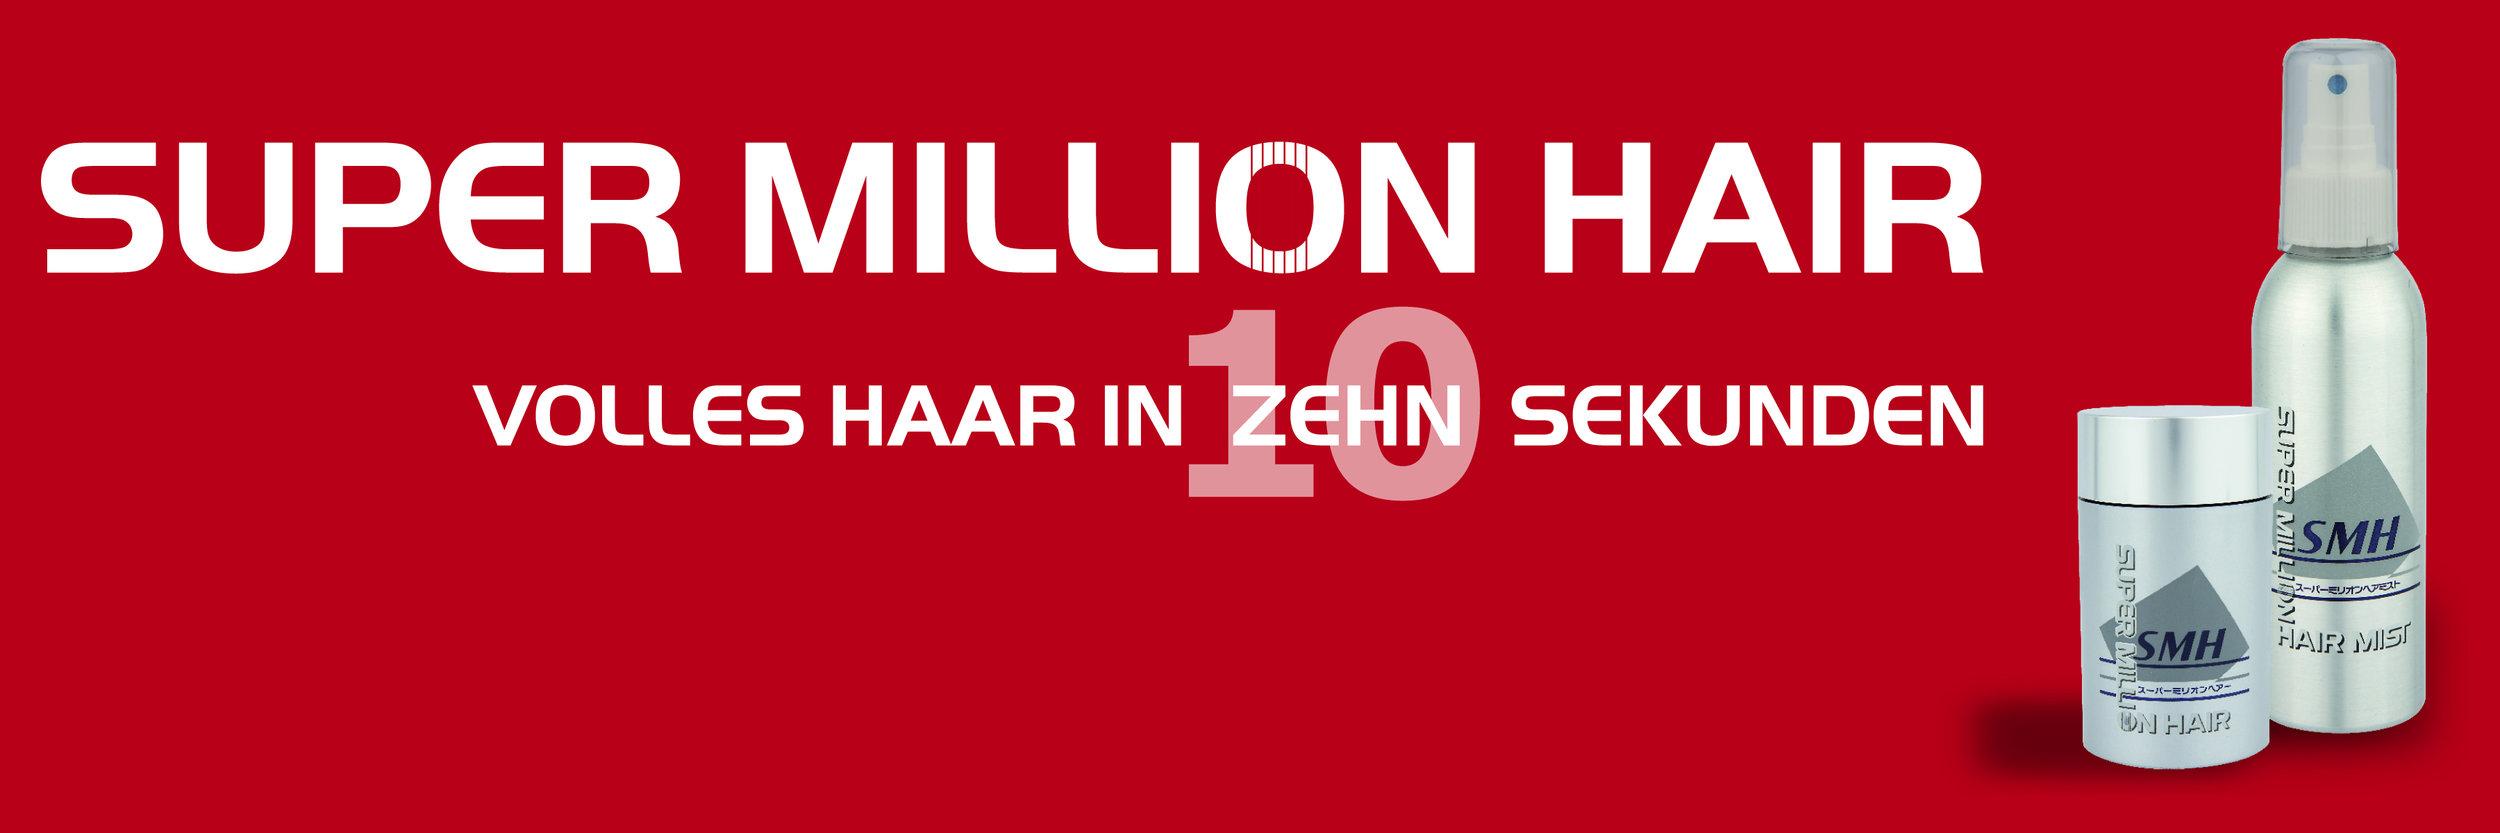 Super_Million_Hair-Pressemitteilung_Wettbewerbsfinale_300dpi.jpg